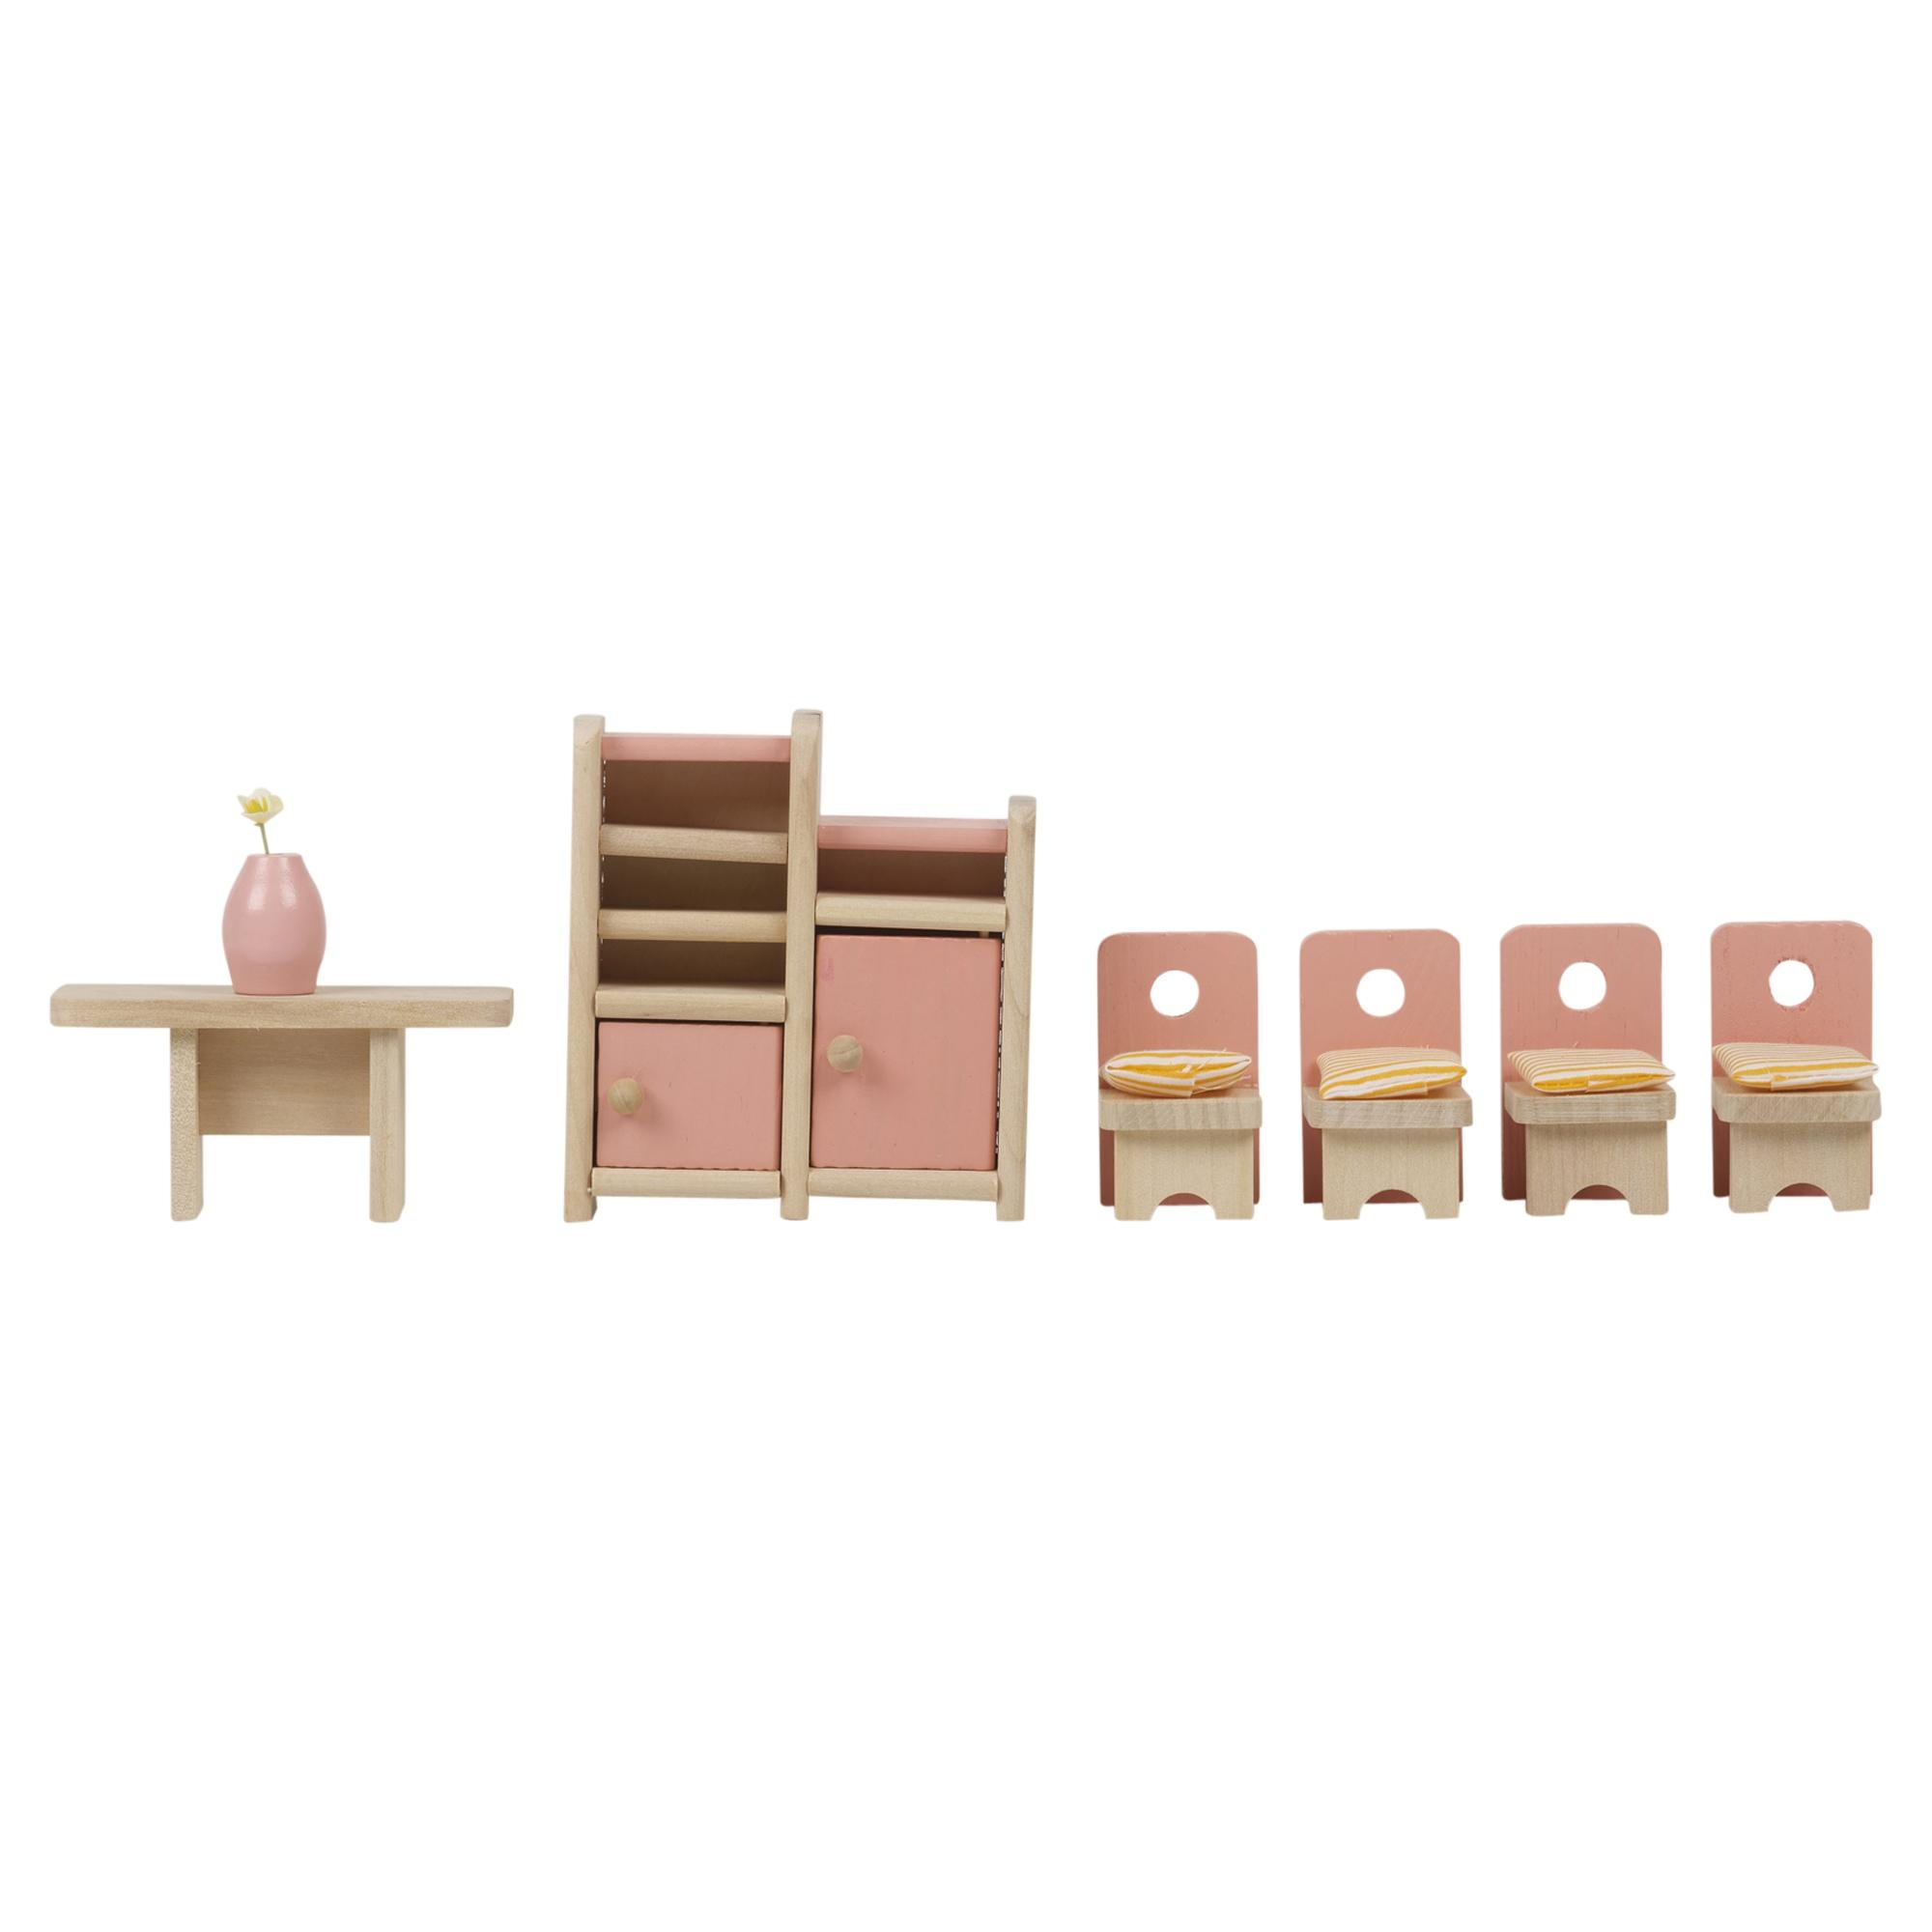 Kinder Holz Puppenhaus Mbel Sets Badezimmer Schlafzimmer